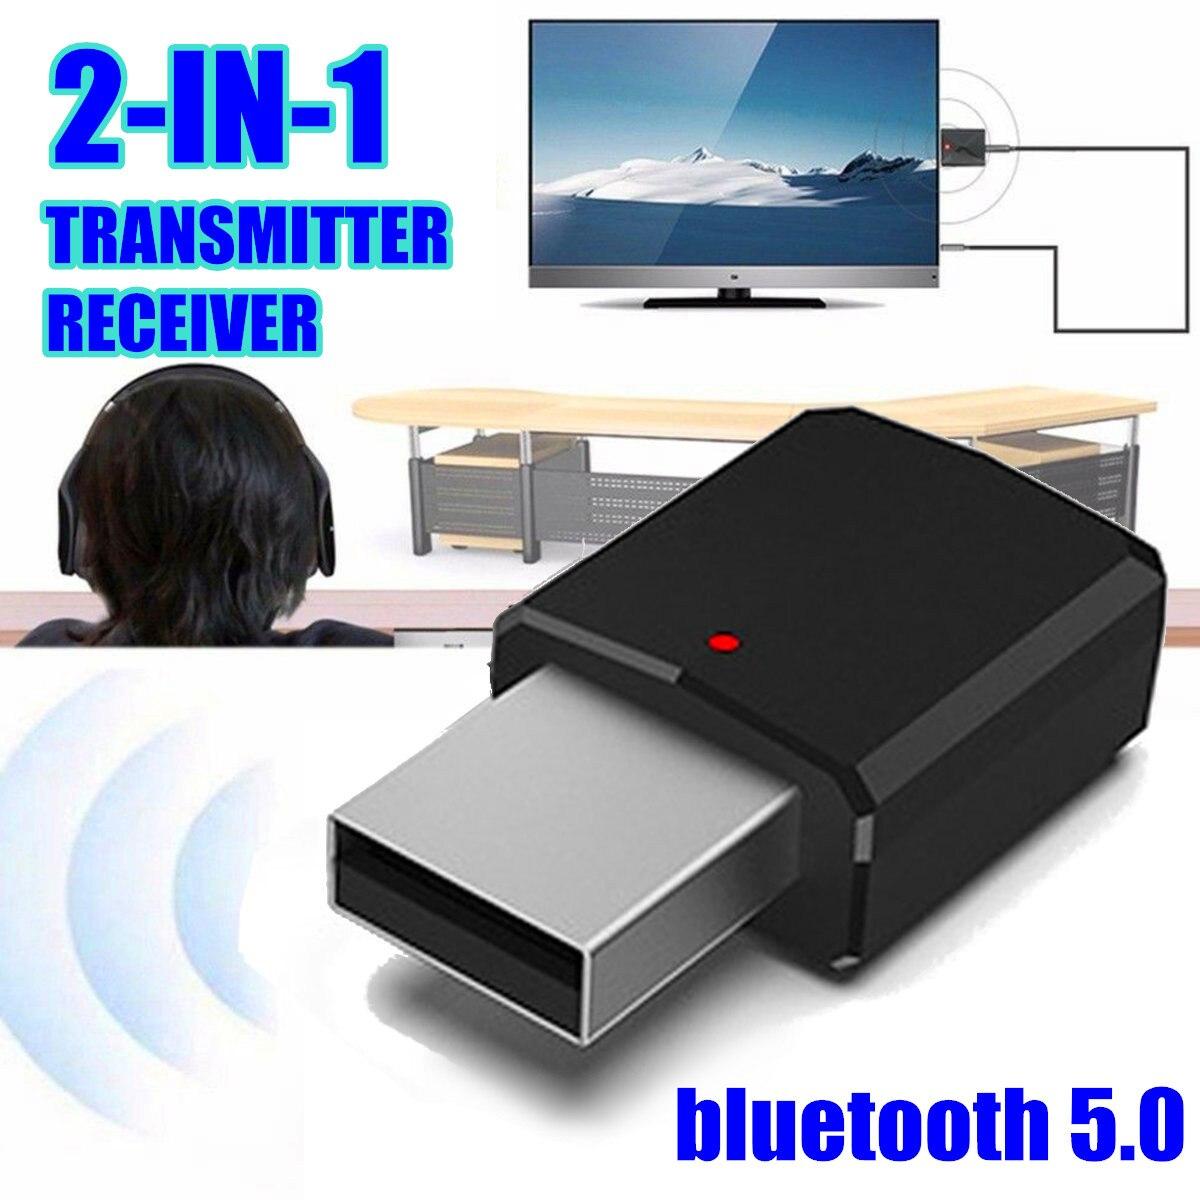 2в1 bluetooth 5,0 аудио приемник передатчик беспроводной адаптер Мини 3,5 мм AUX Стерео Bluetooth передатчик для телевизора ПК автомобильный динамик